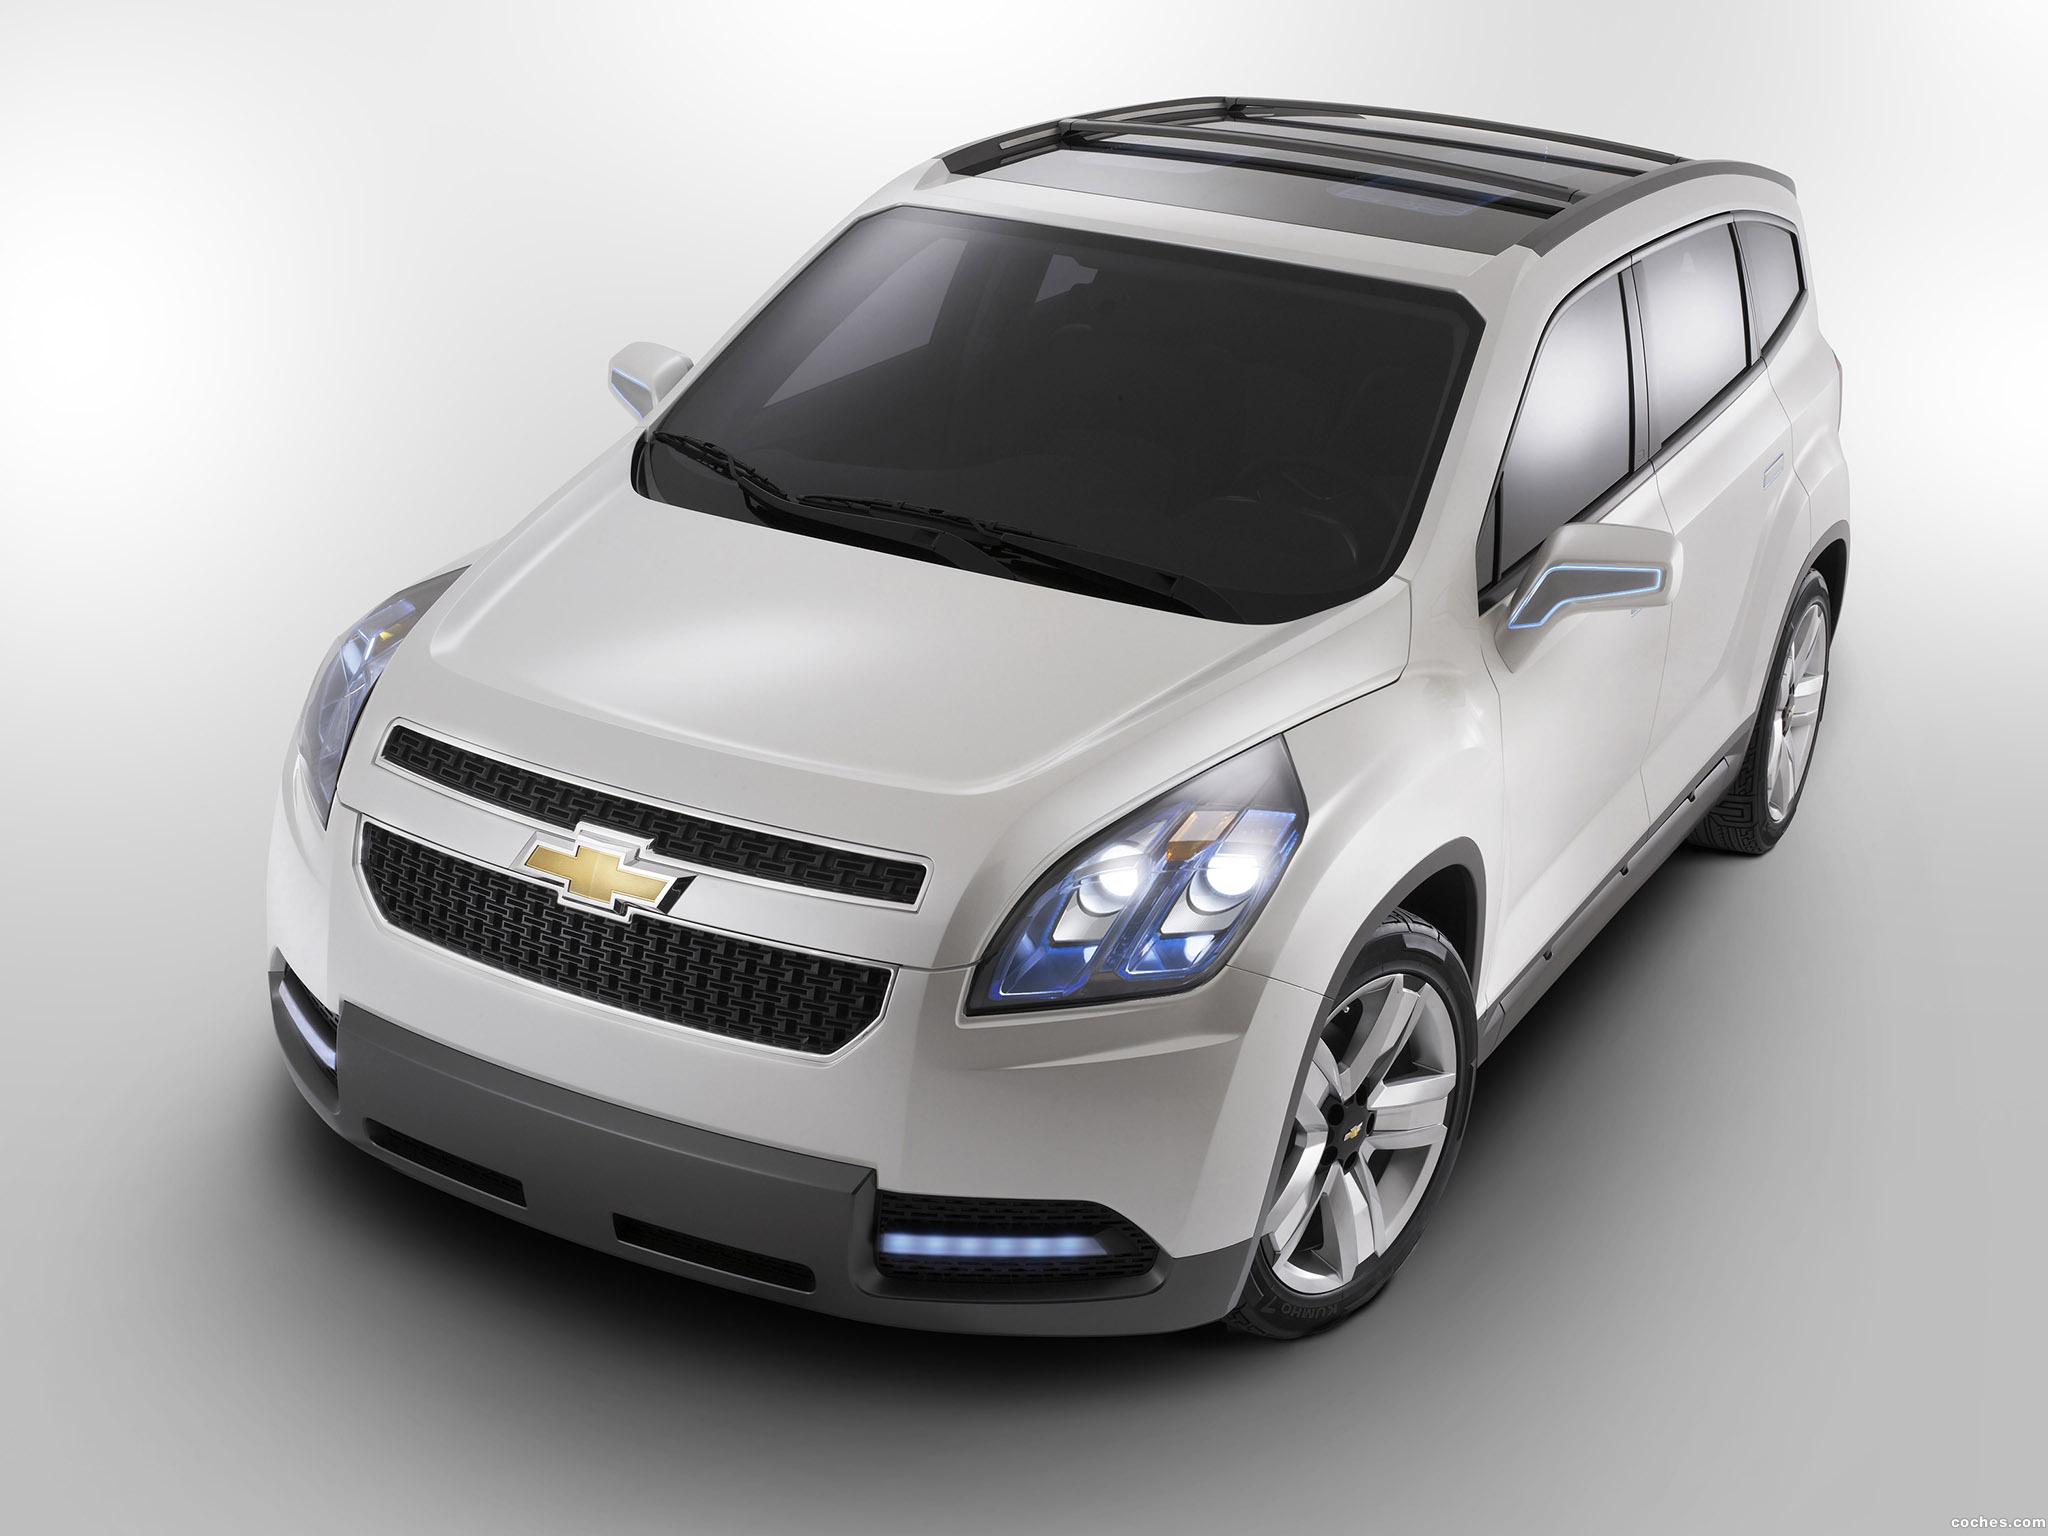 Foto 0 de Chevrolet Orlando Concept 2008